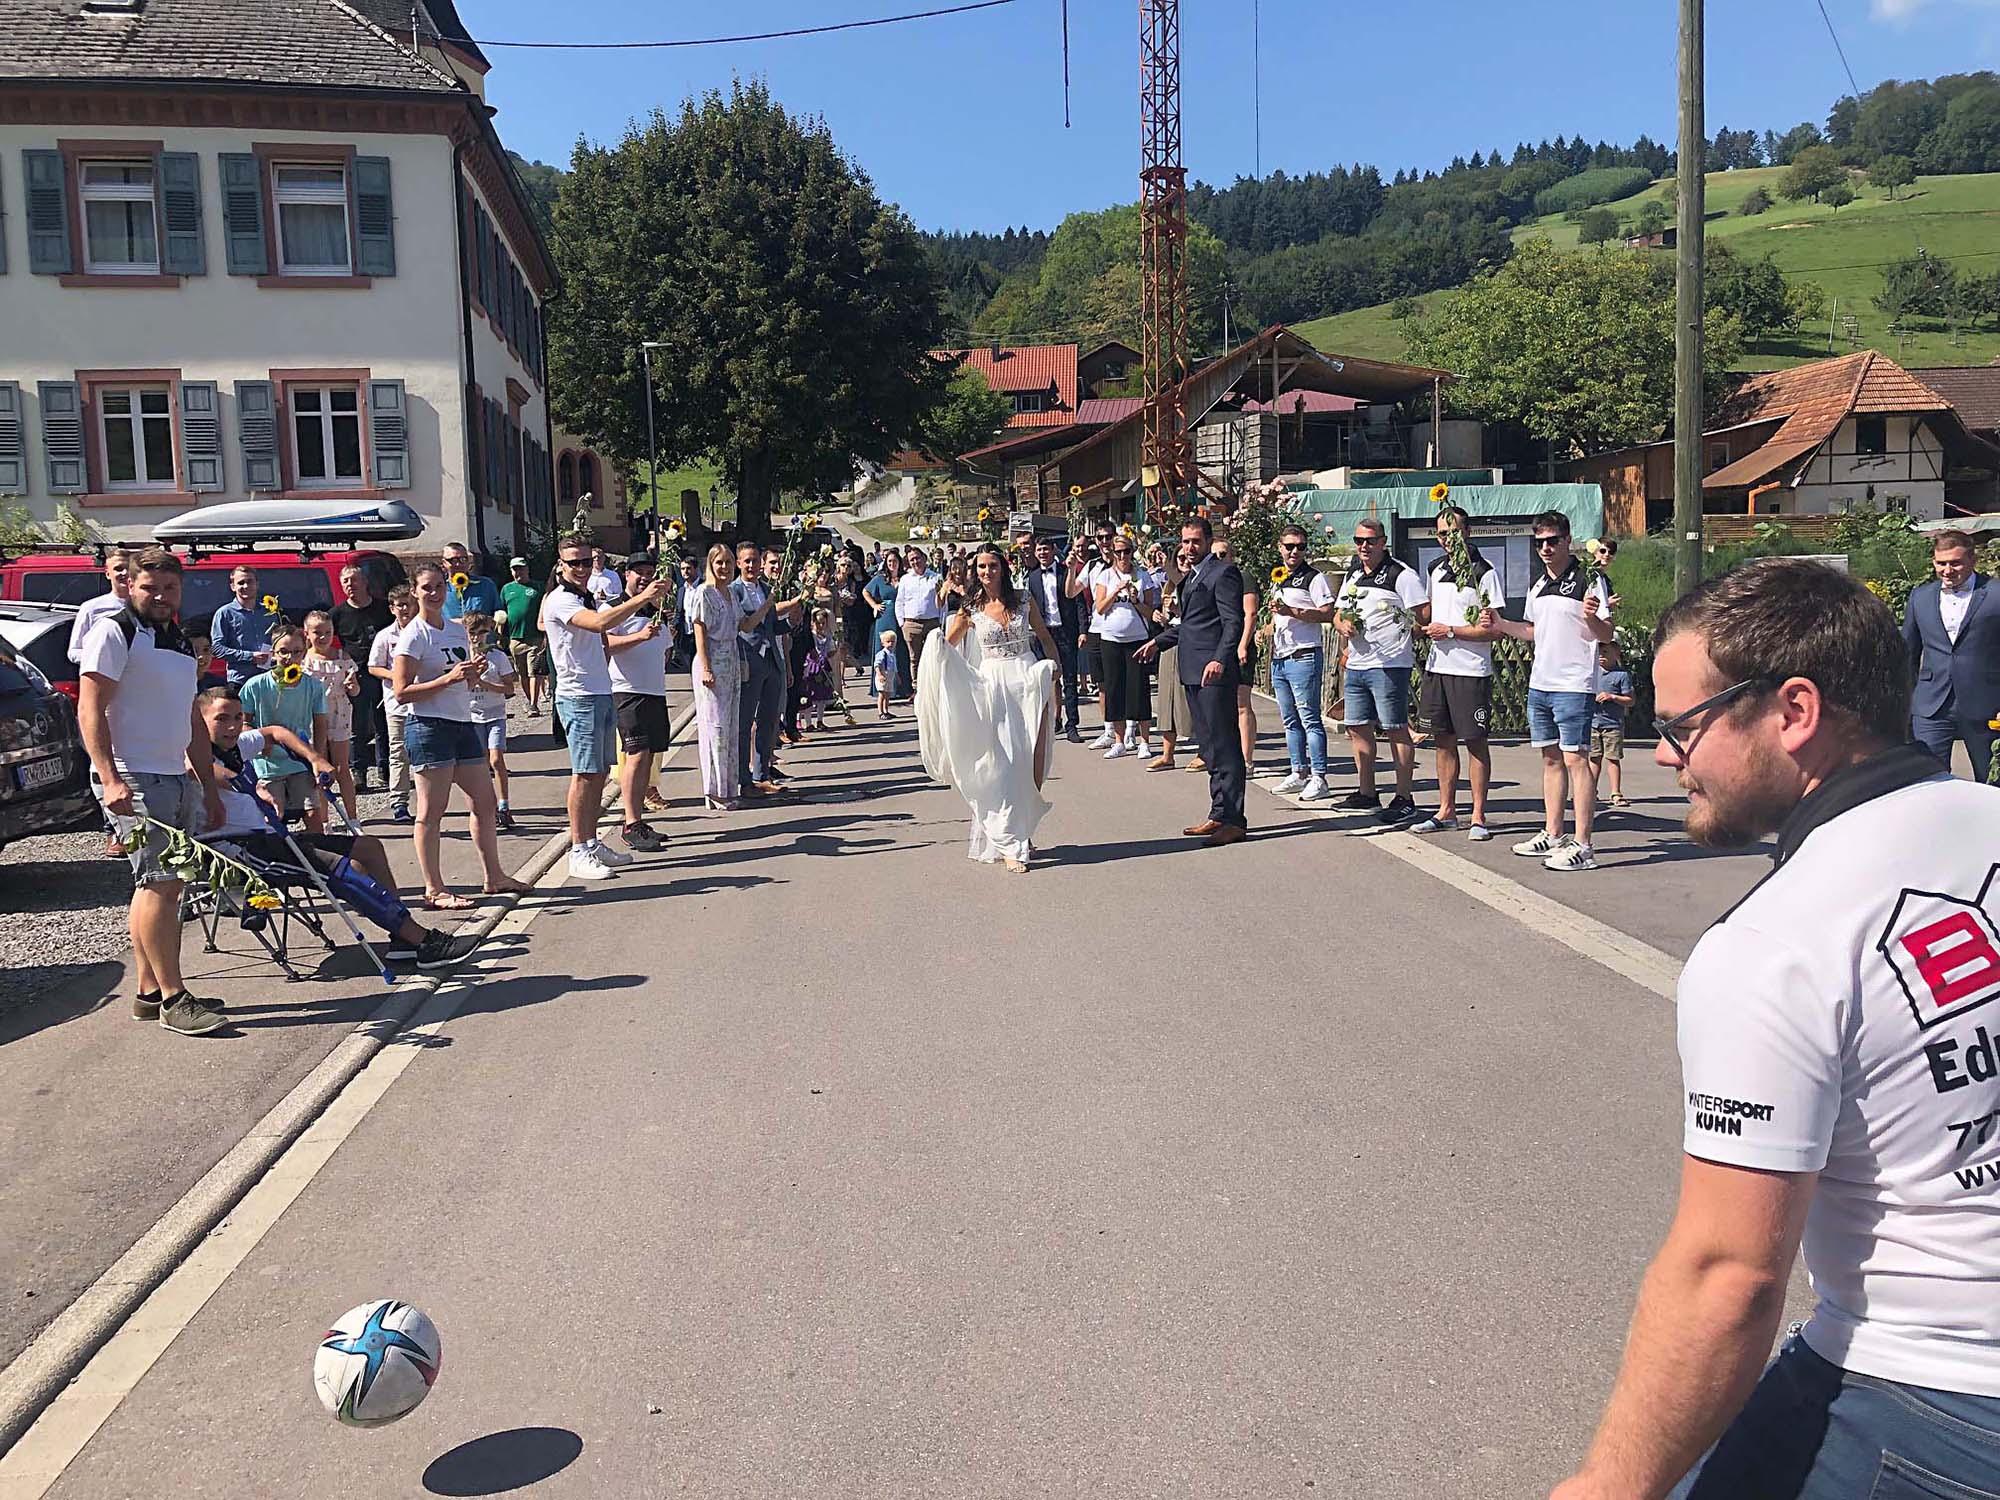 2021-9-8-BI-PB-bsch-DJK-Hochzeit-Julia Beck beim Torschuß